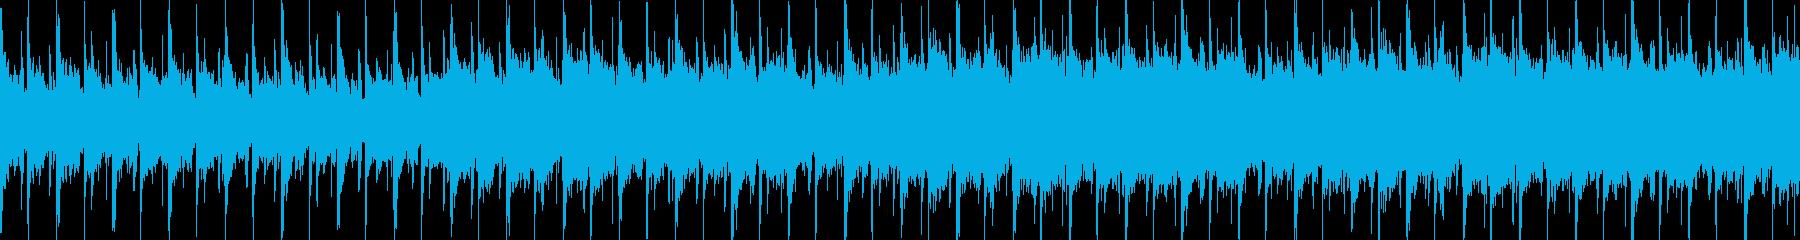 ピアノが幻想的で森の中の様な優しいBGMの再生済みの波形